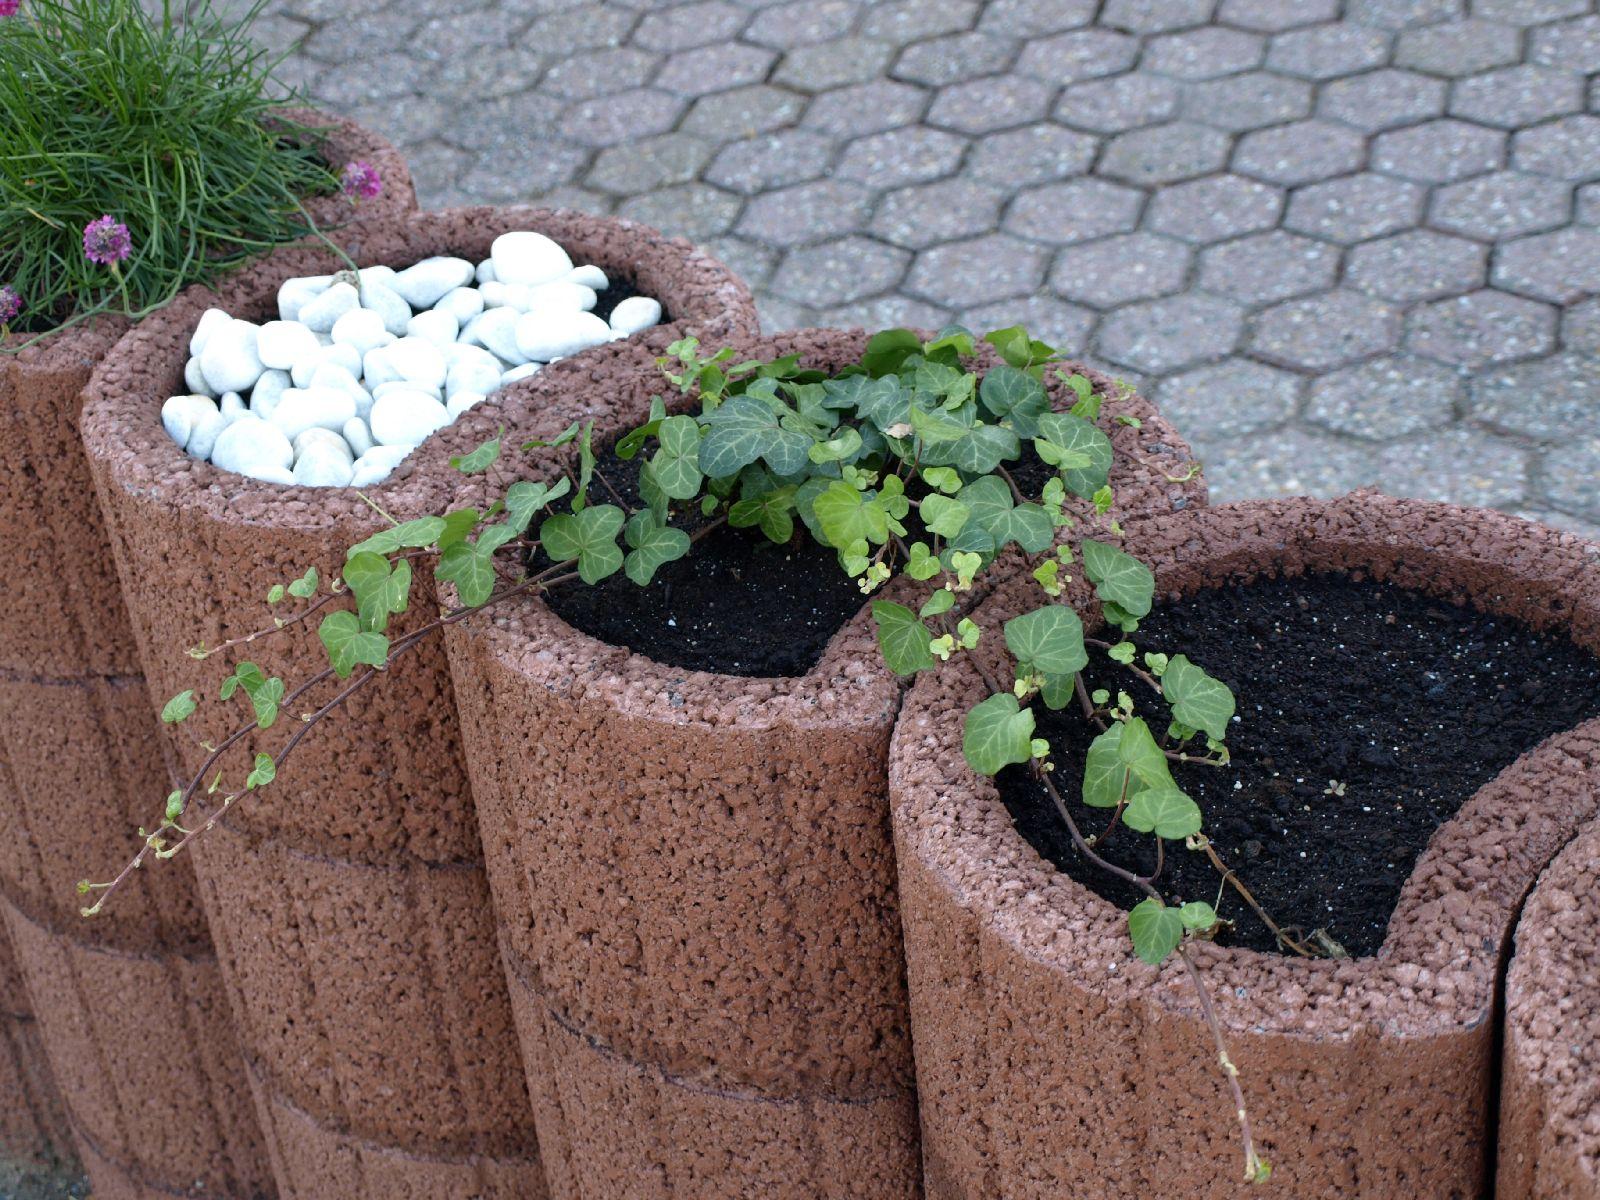 Pflanzen-Blumen-Foto_Textur_B_P6153467